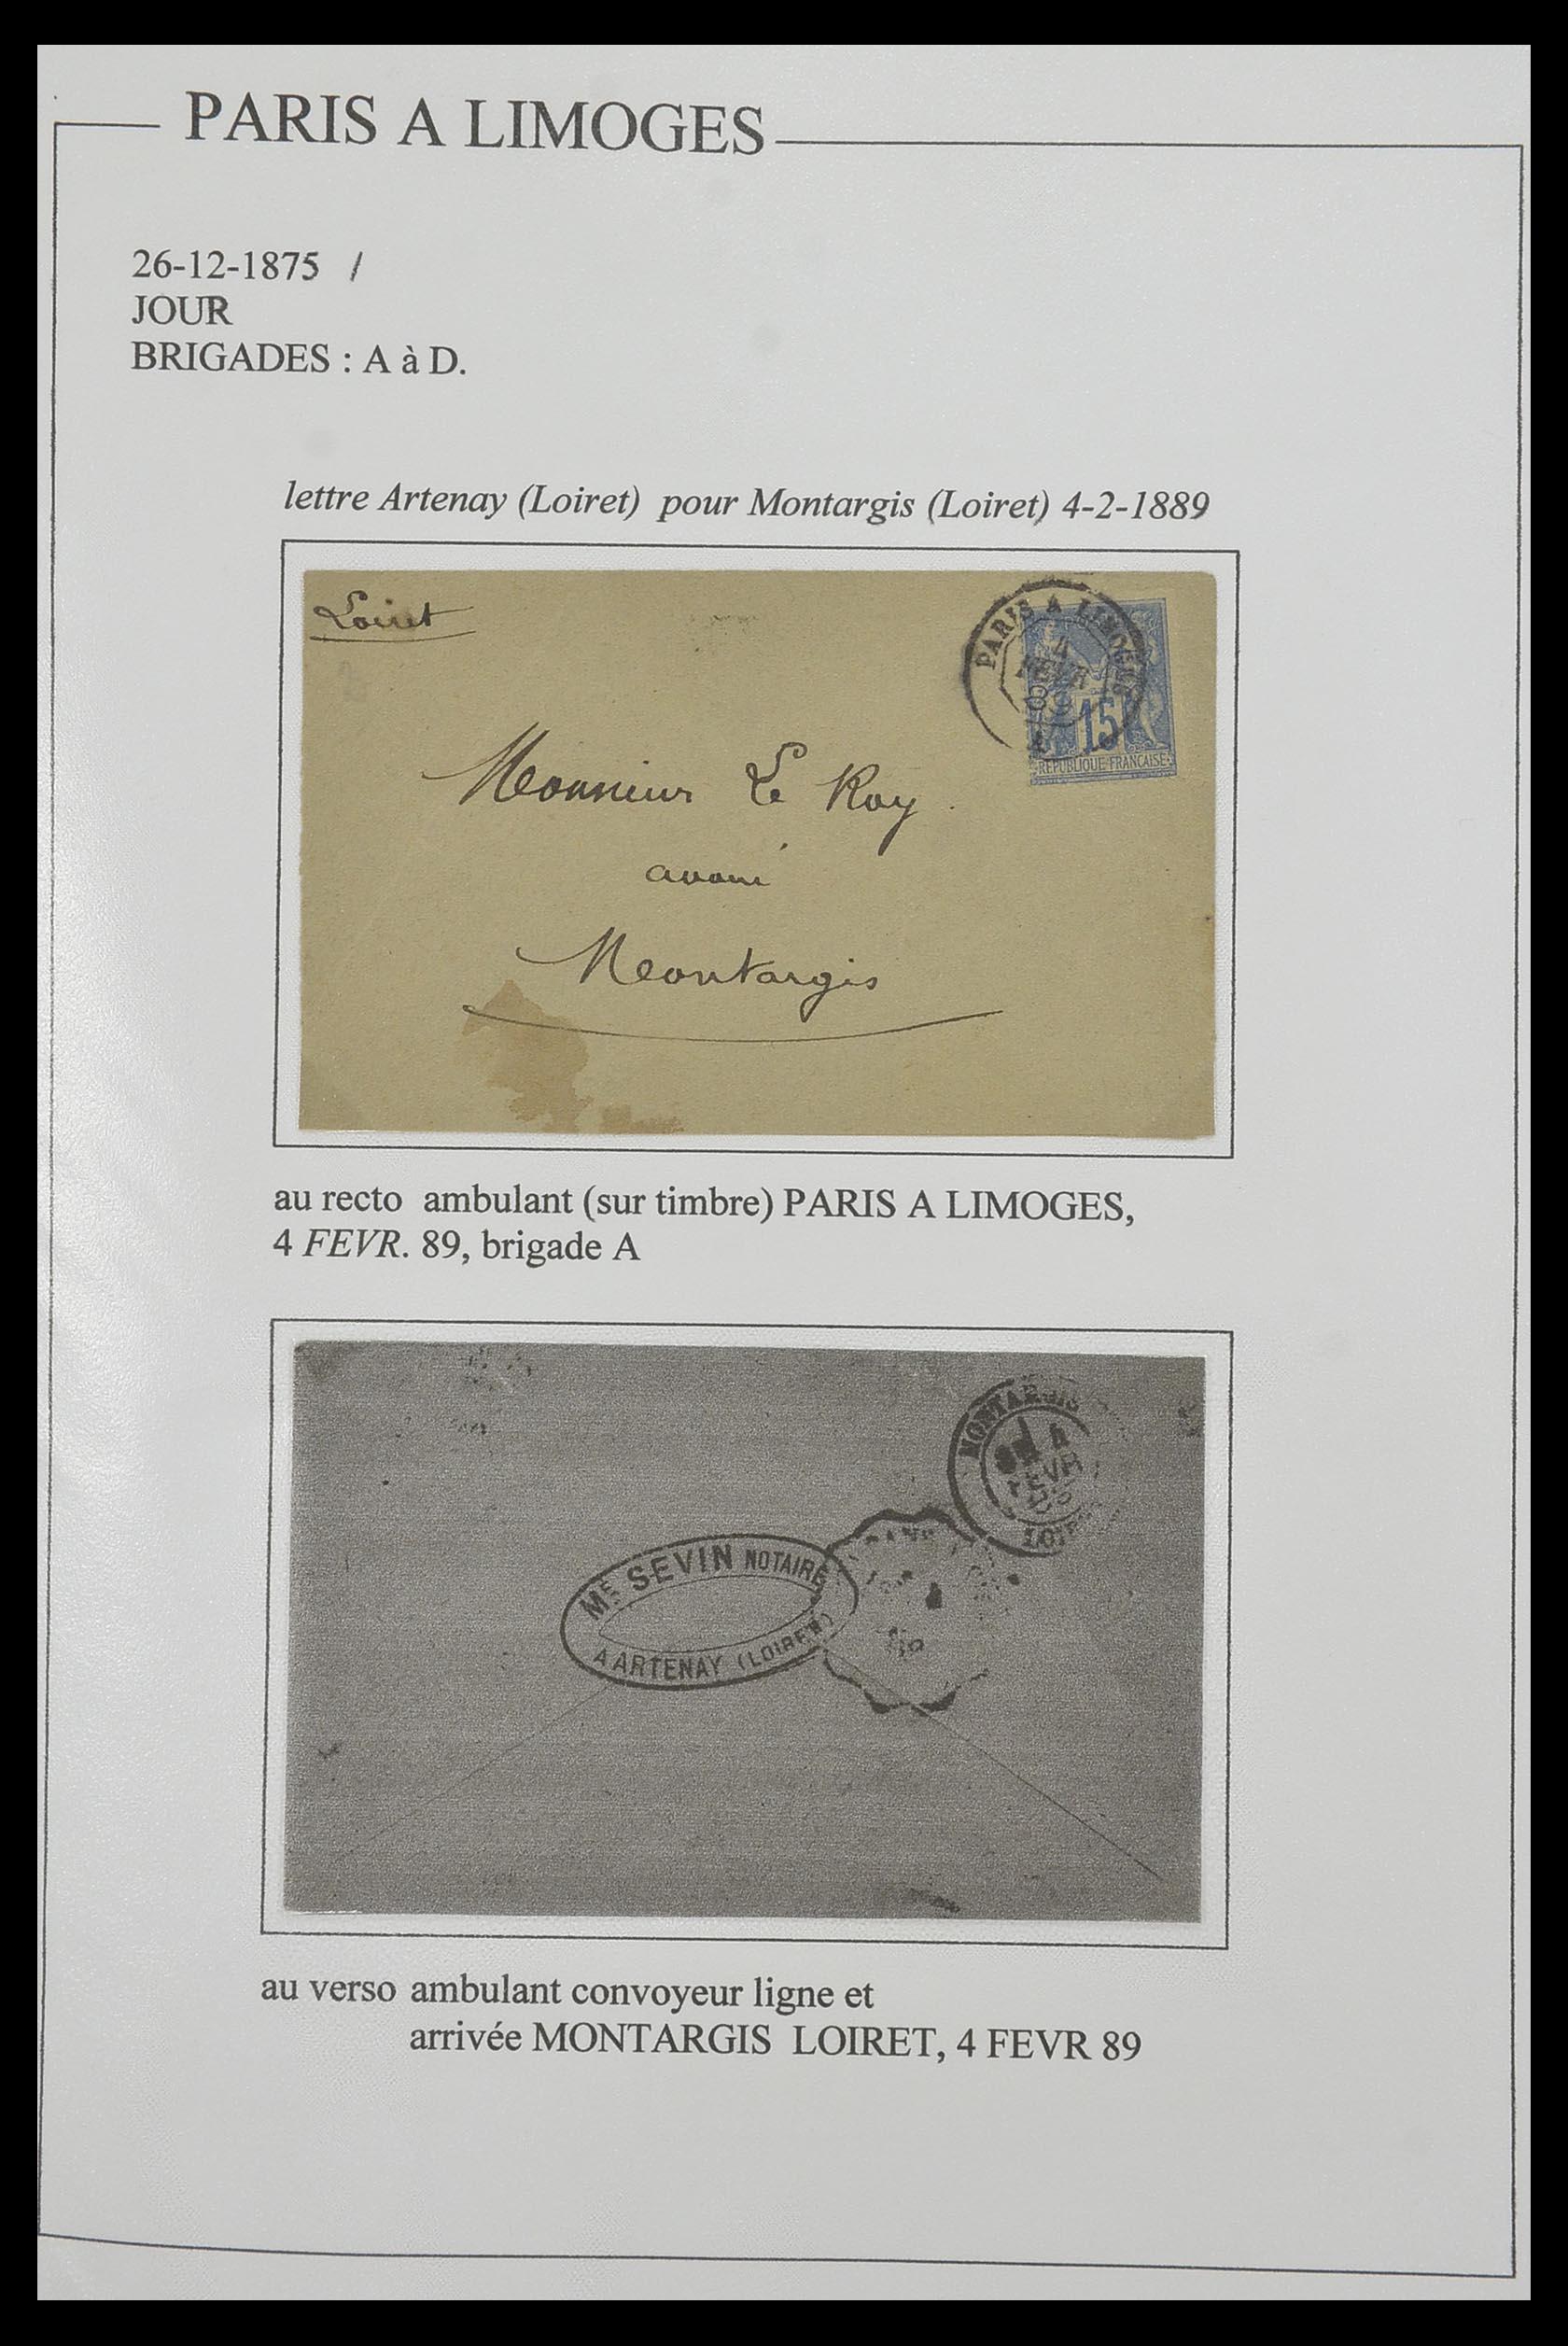 33624 014 - Postzegelverzameling 33624 Frankrijk brieven 1854-1907.